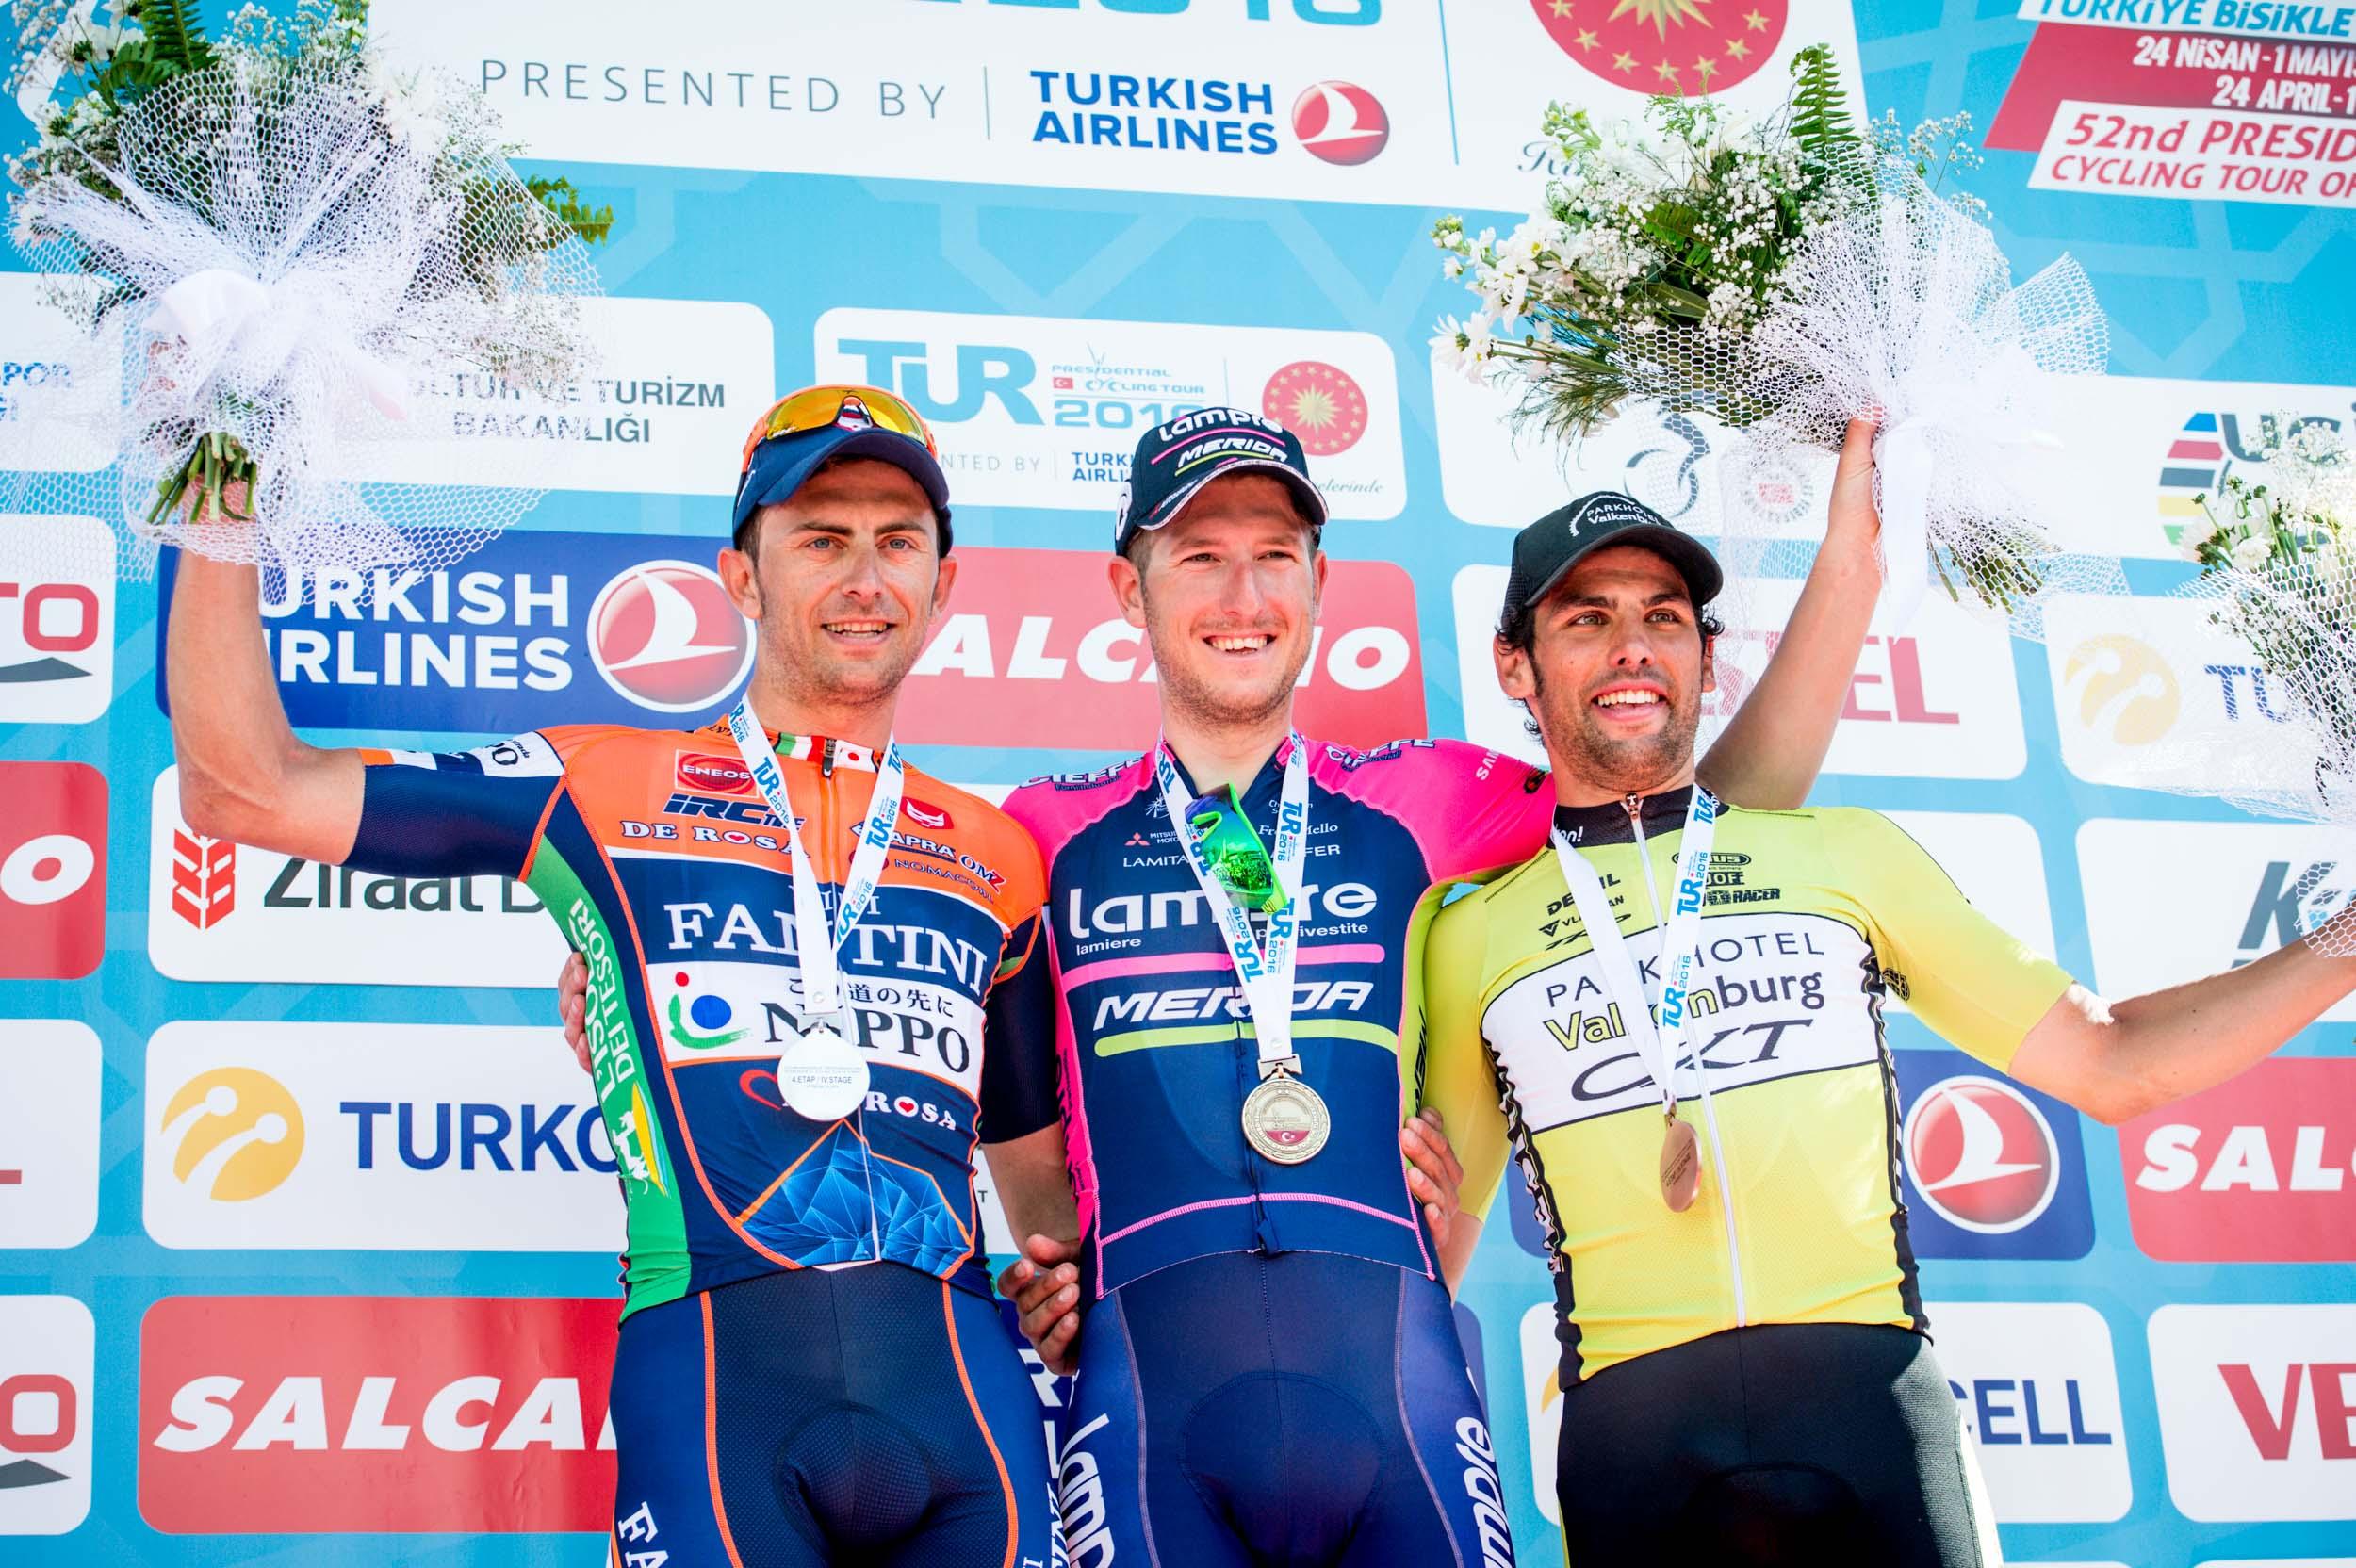 Ciclismo, Giro Turchia podio per Daniele Colli